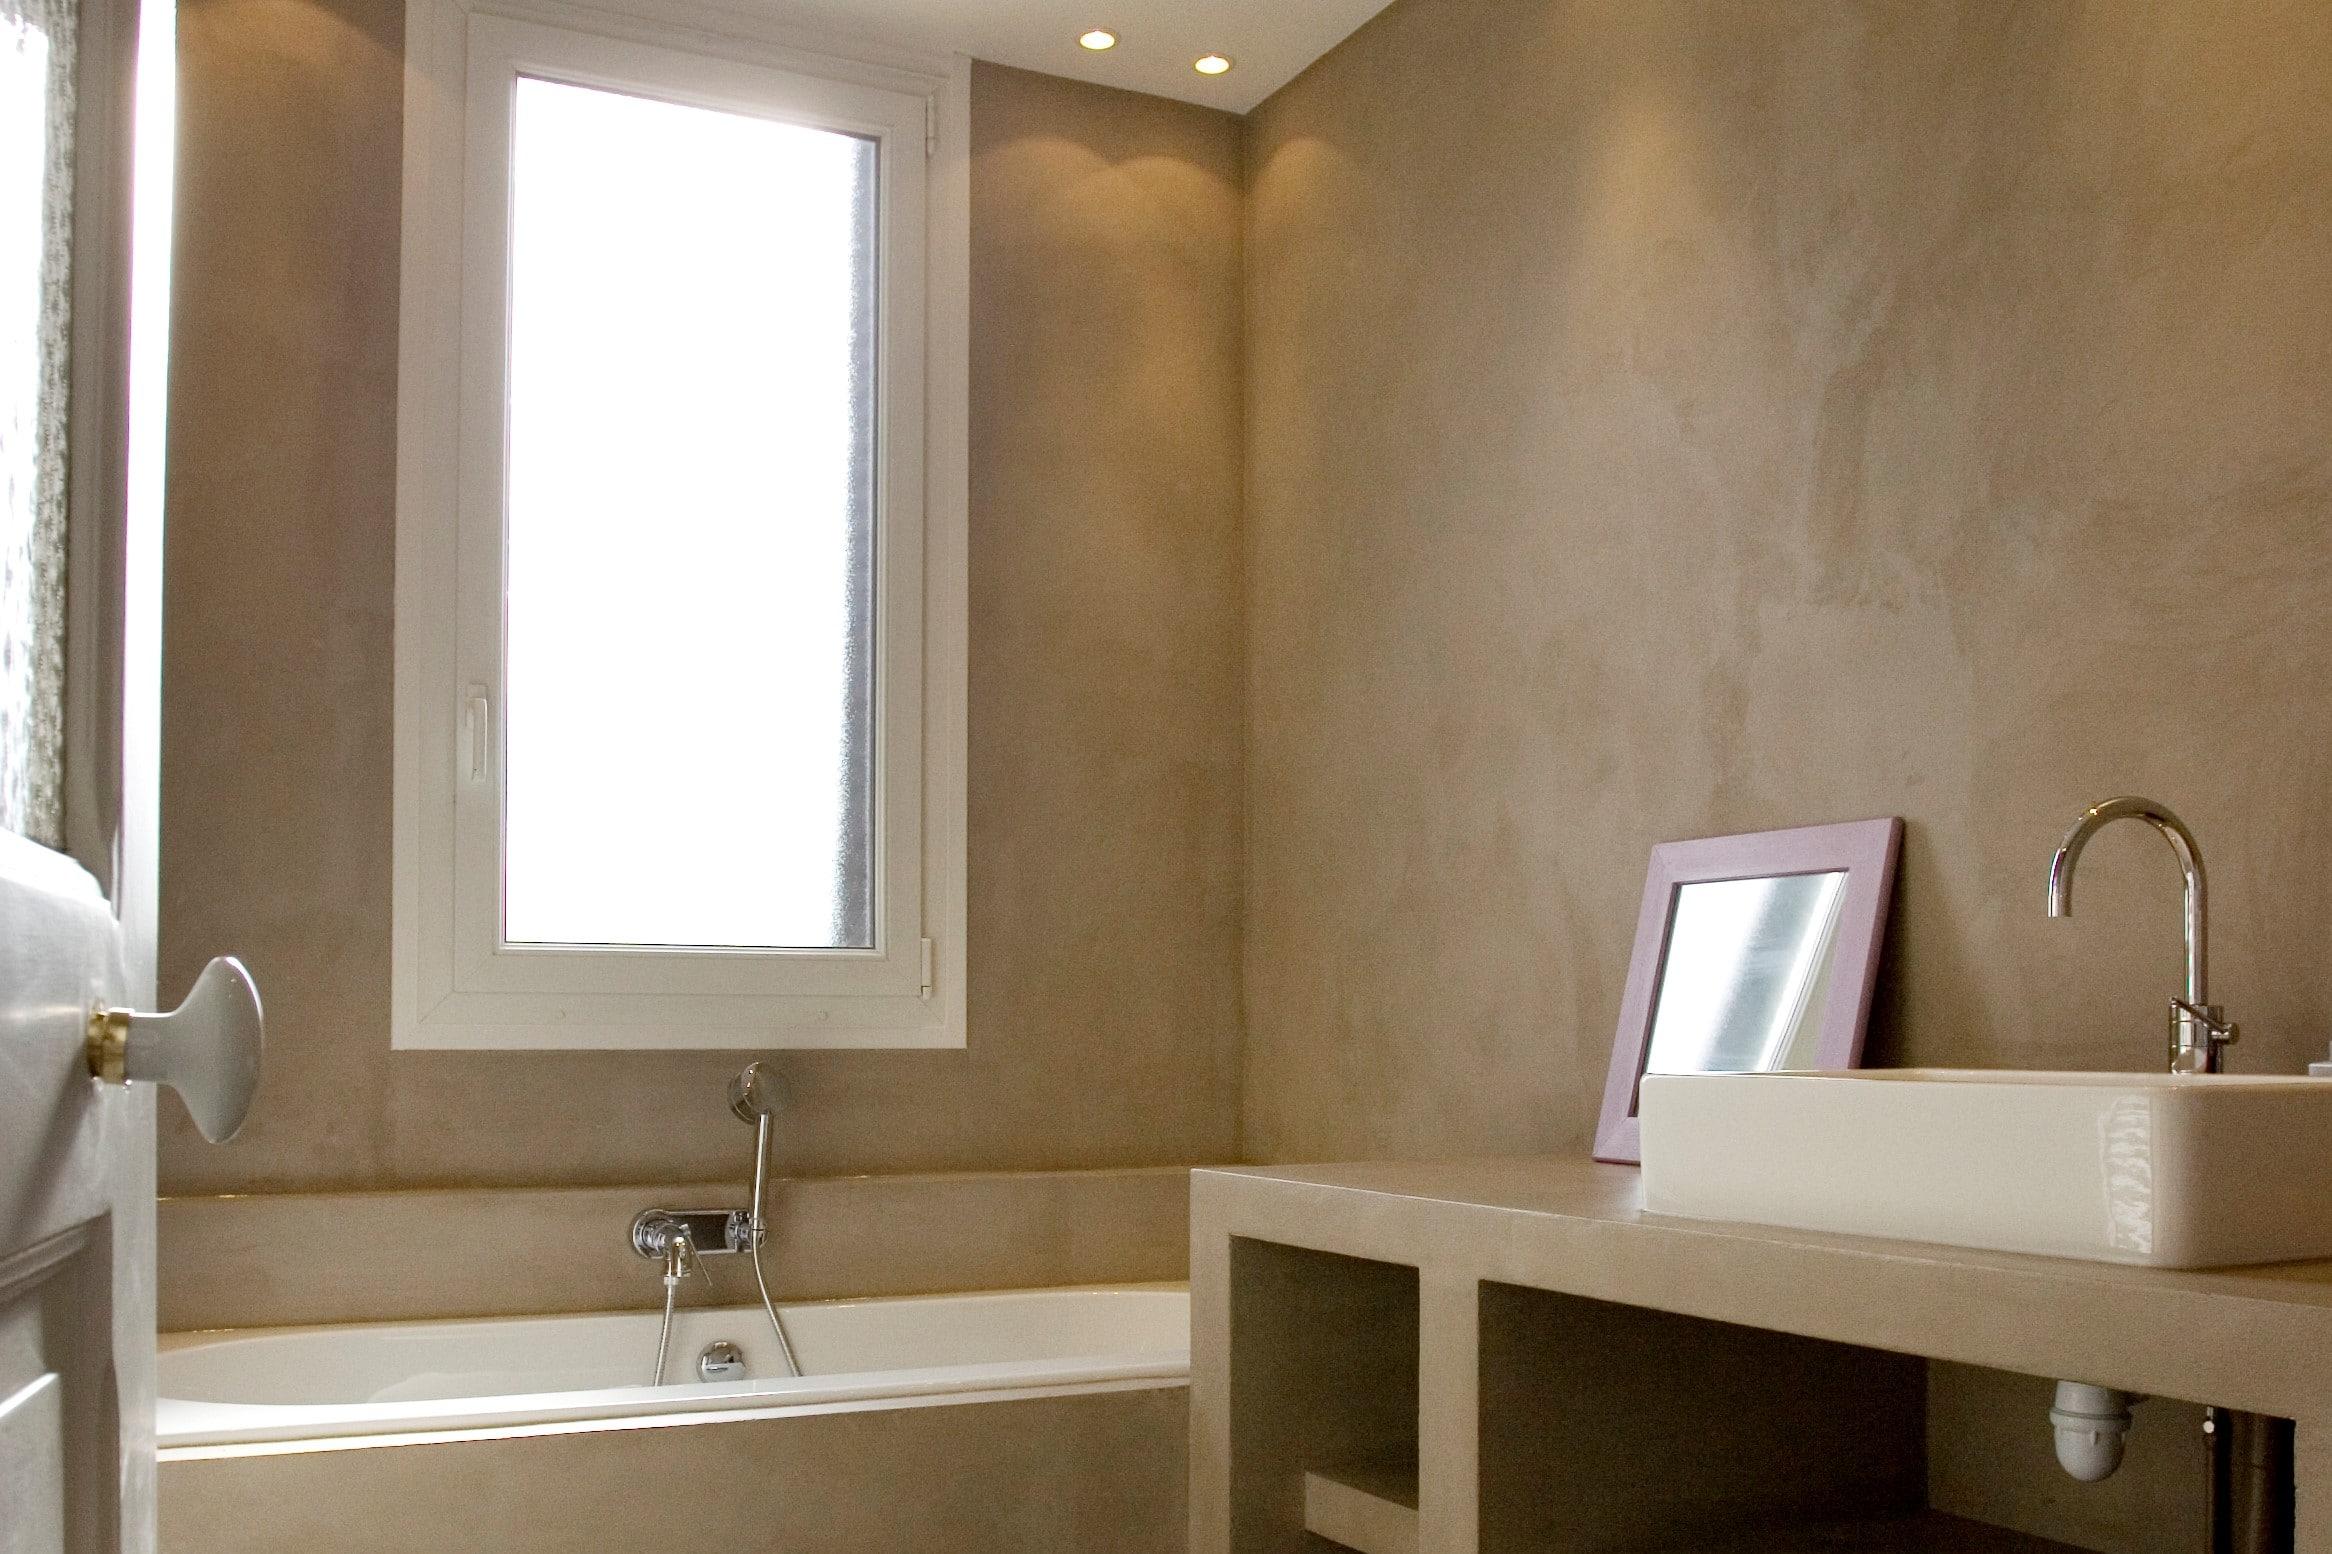 Après rénovation d'une salle de bain, immobilier neuf, style épuré et couleur moderne